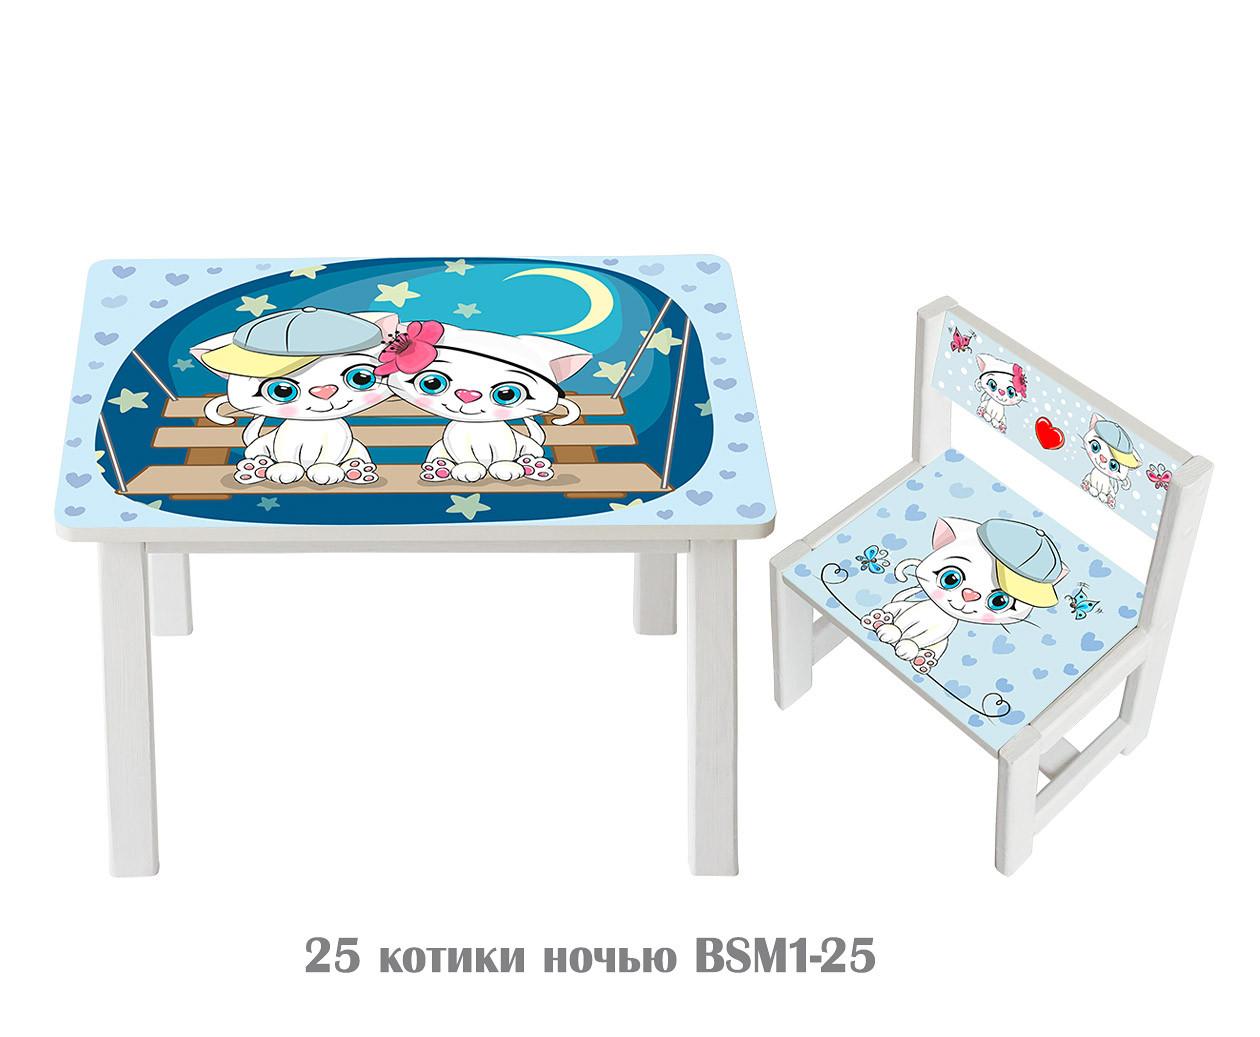 Детский стол и укреплённый стул BSM1-25 Cats at night- Котики ночью